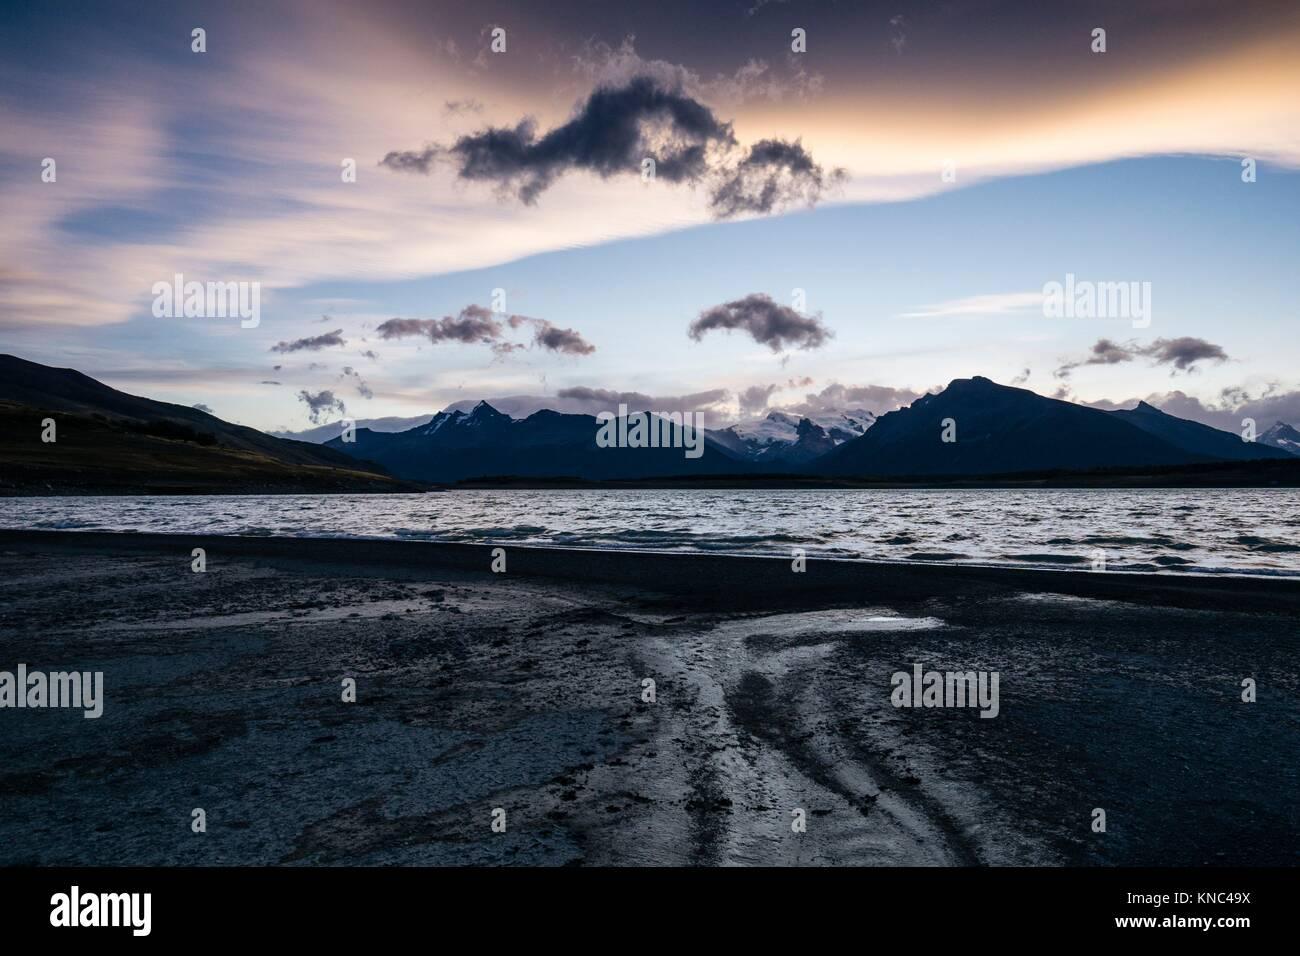 El Lago Roca, El Calafate, Parque Nacional Los Glaciares de la Patagonia Argentina. Imagen De Stock